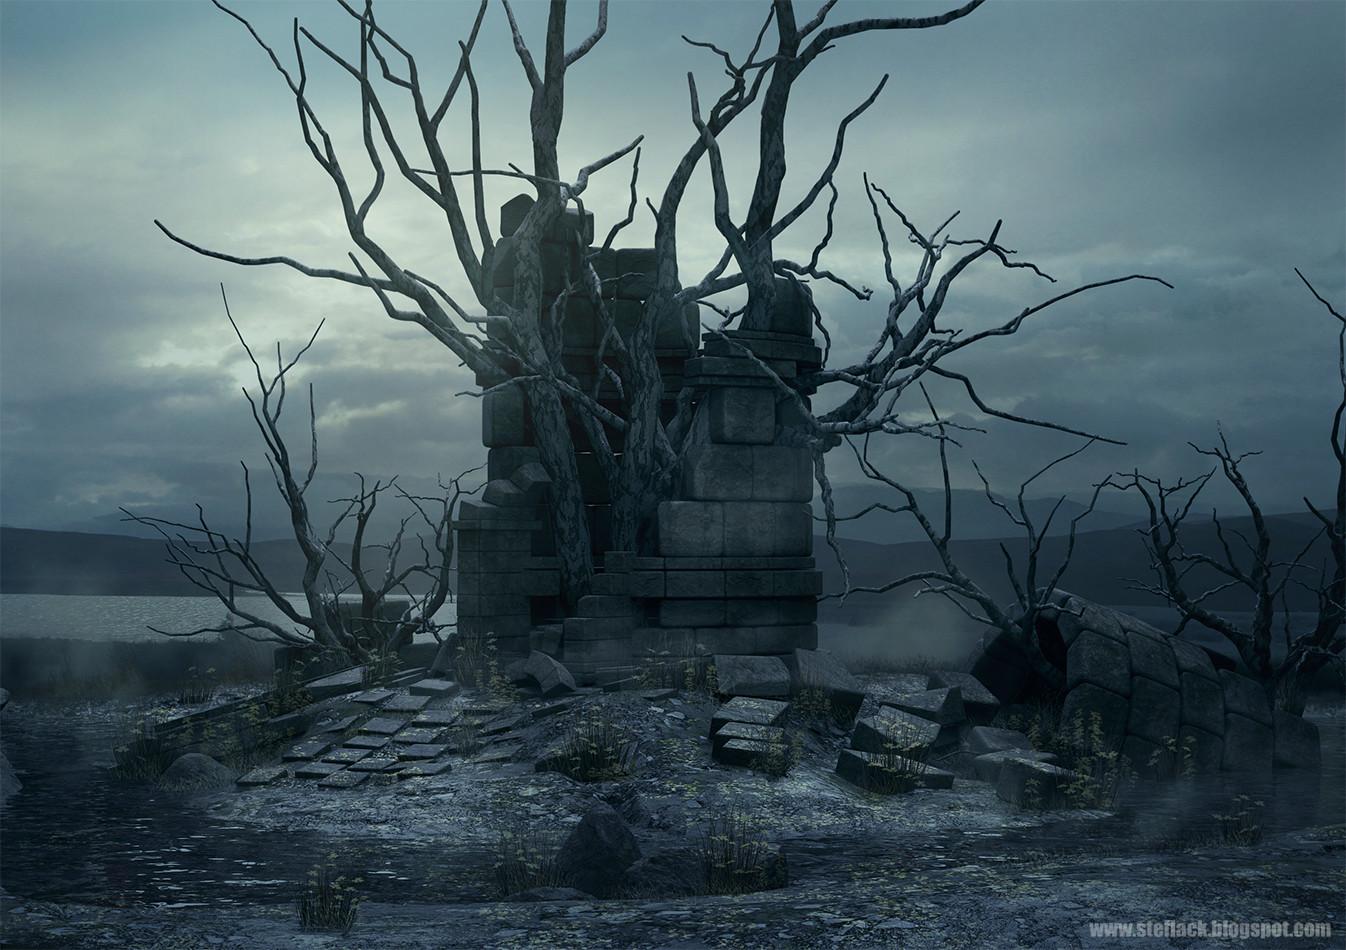 Ste flack watchtower1